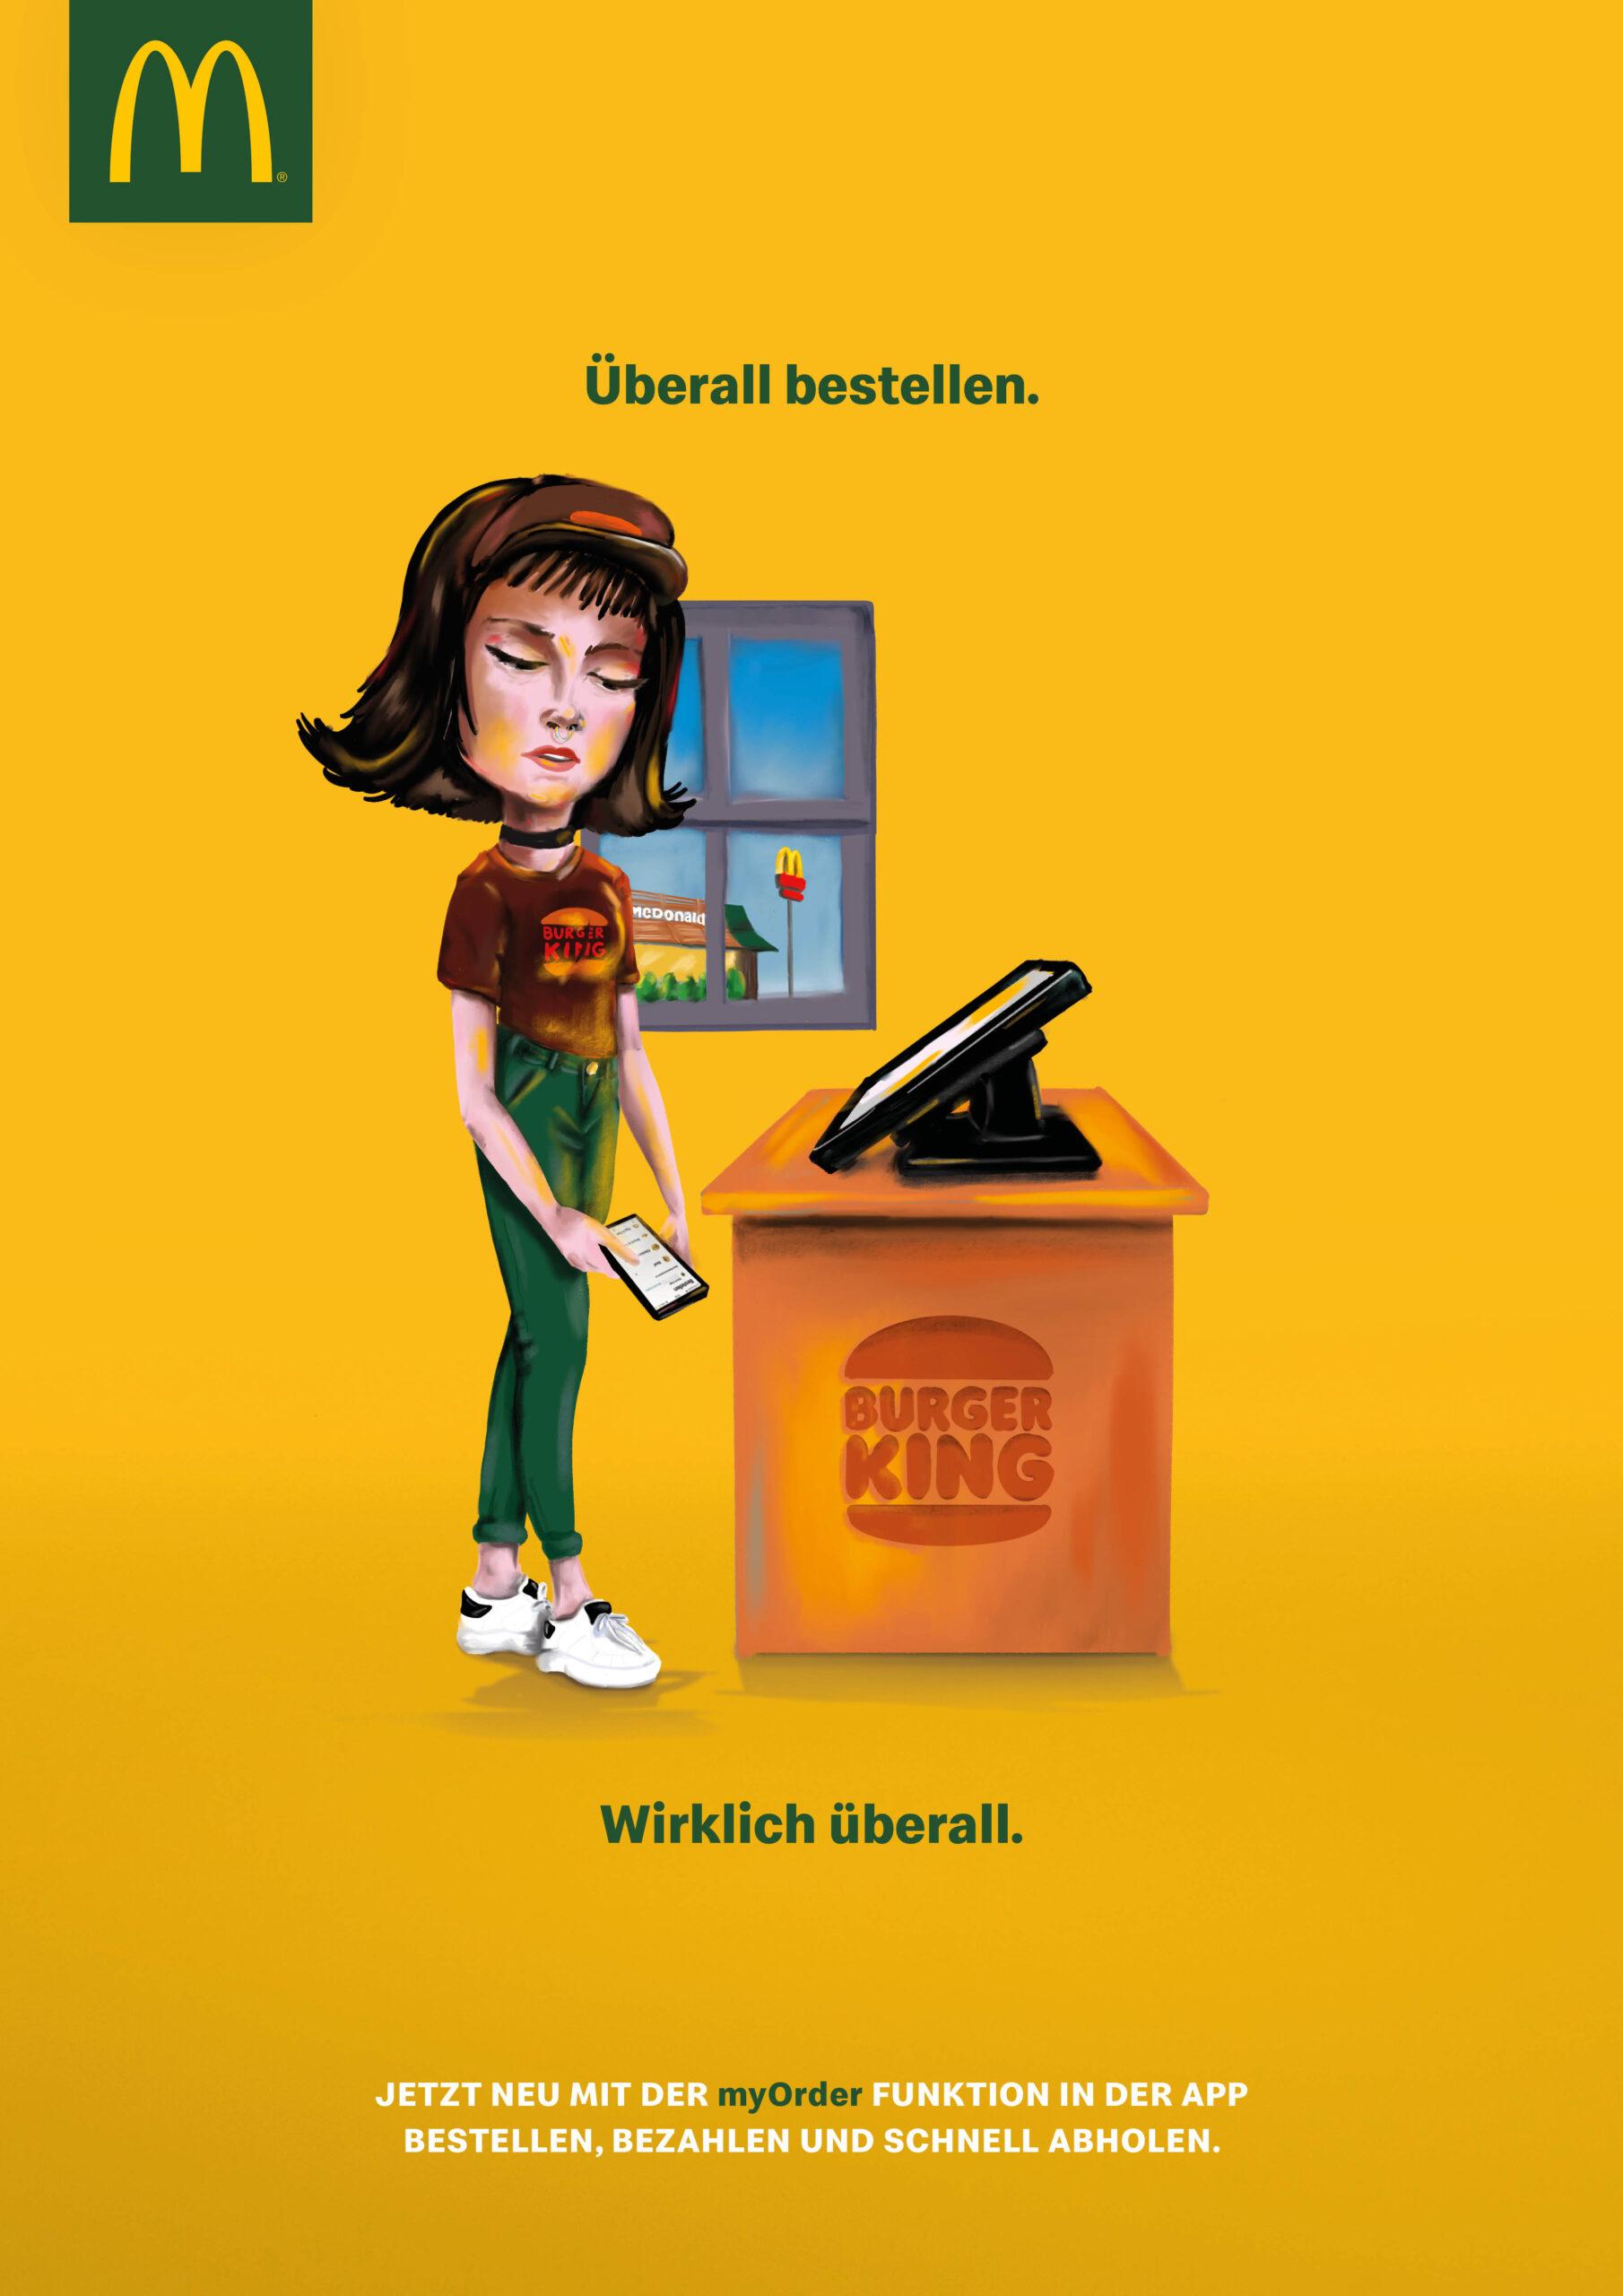 B_von-ueberall-bestellen_Arbeit